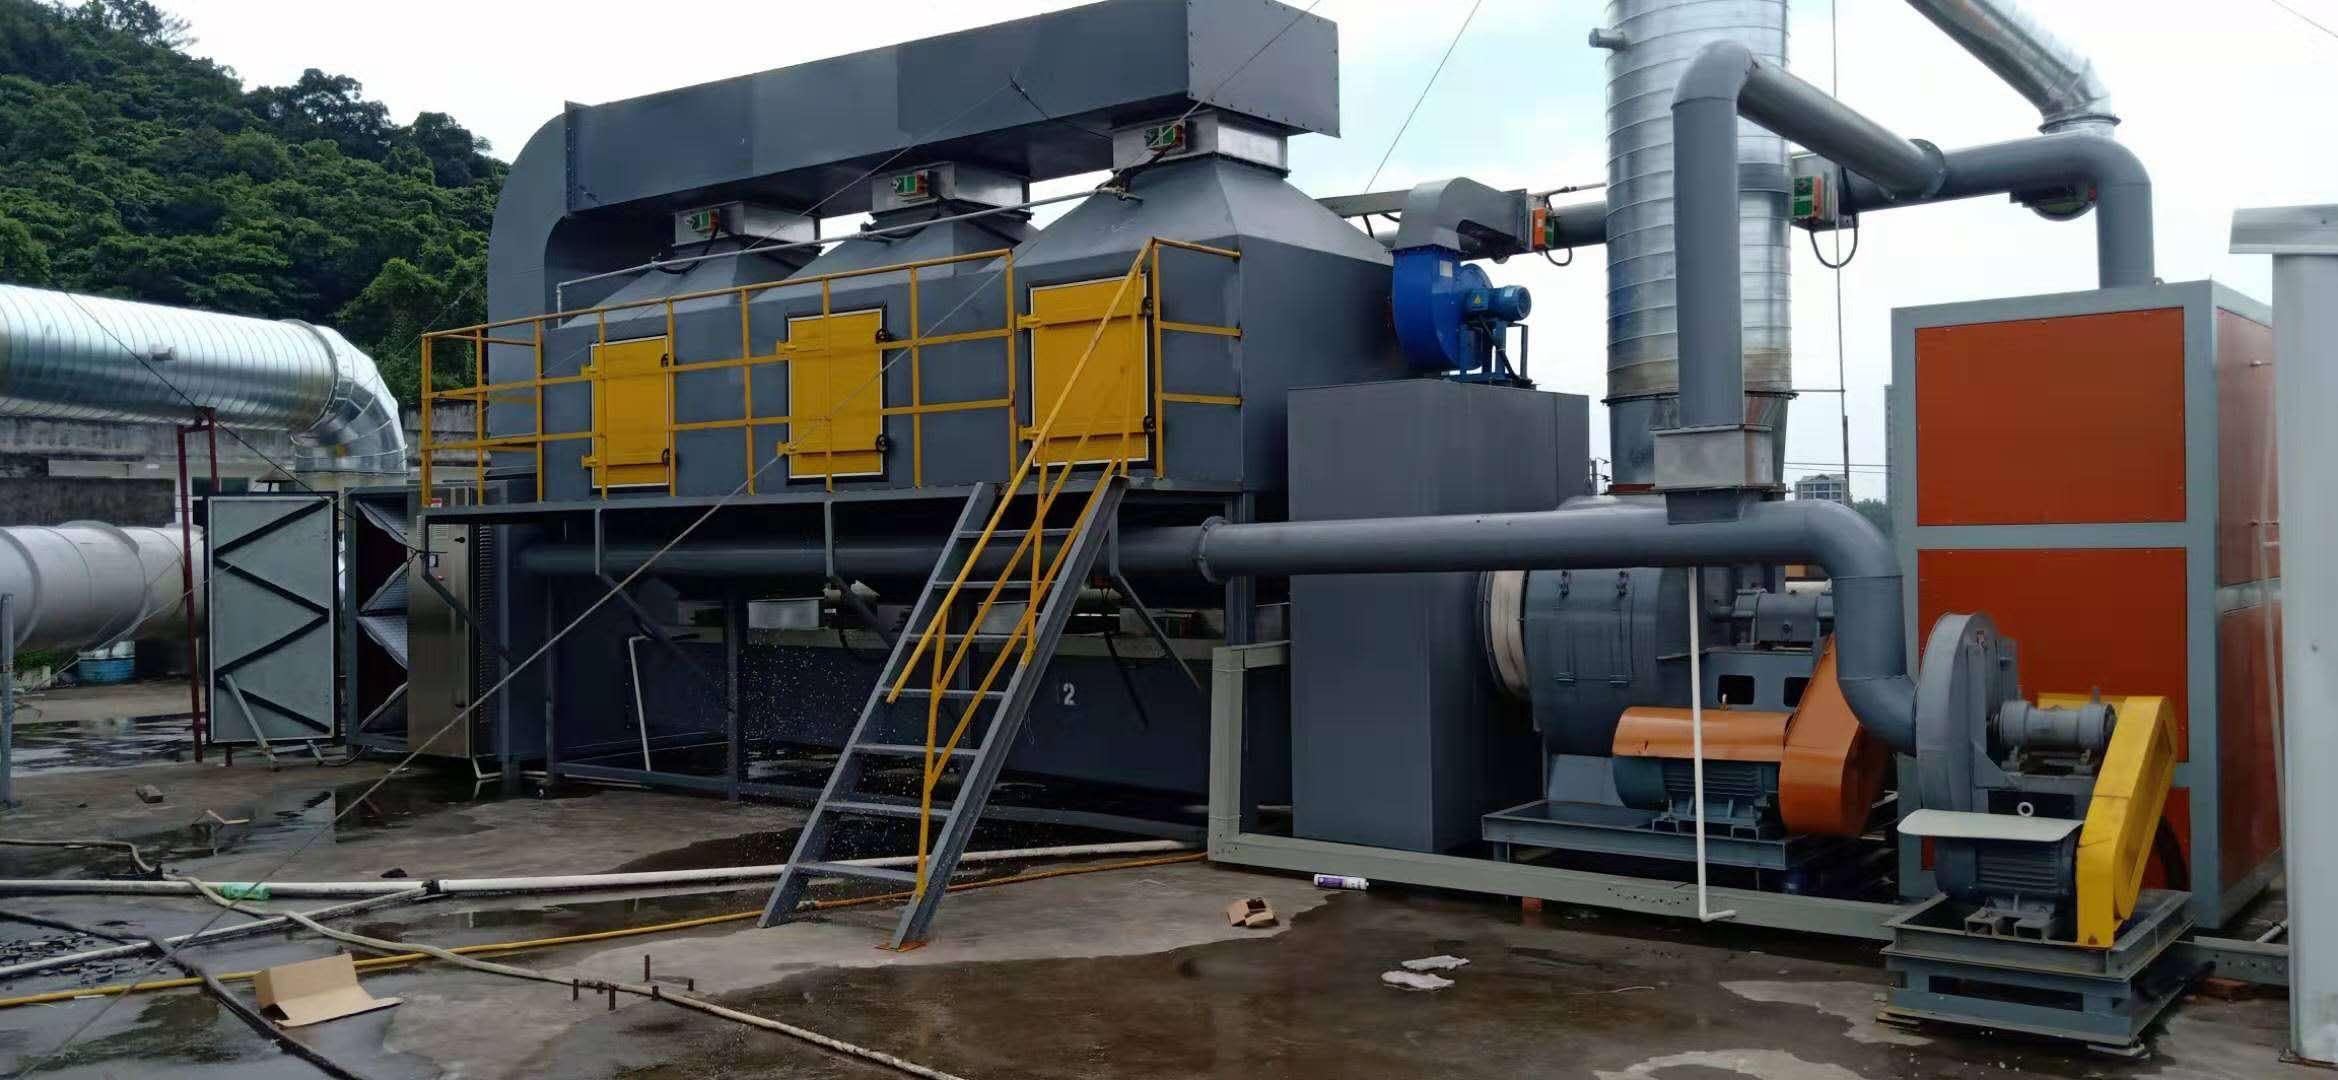 喷漆废气环保设备催化燃烧装置浙江温州成功案例